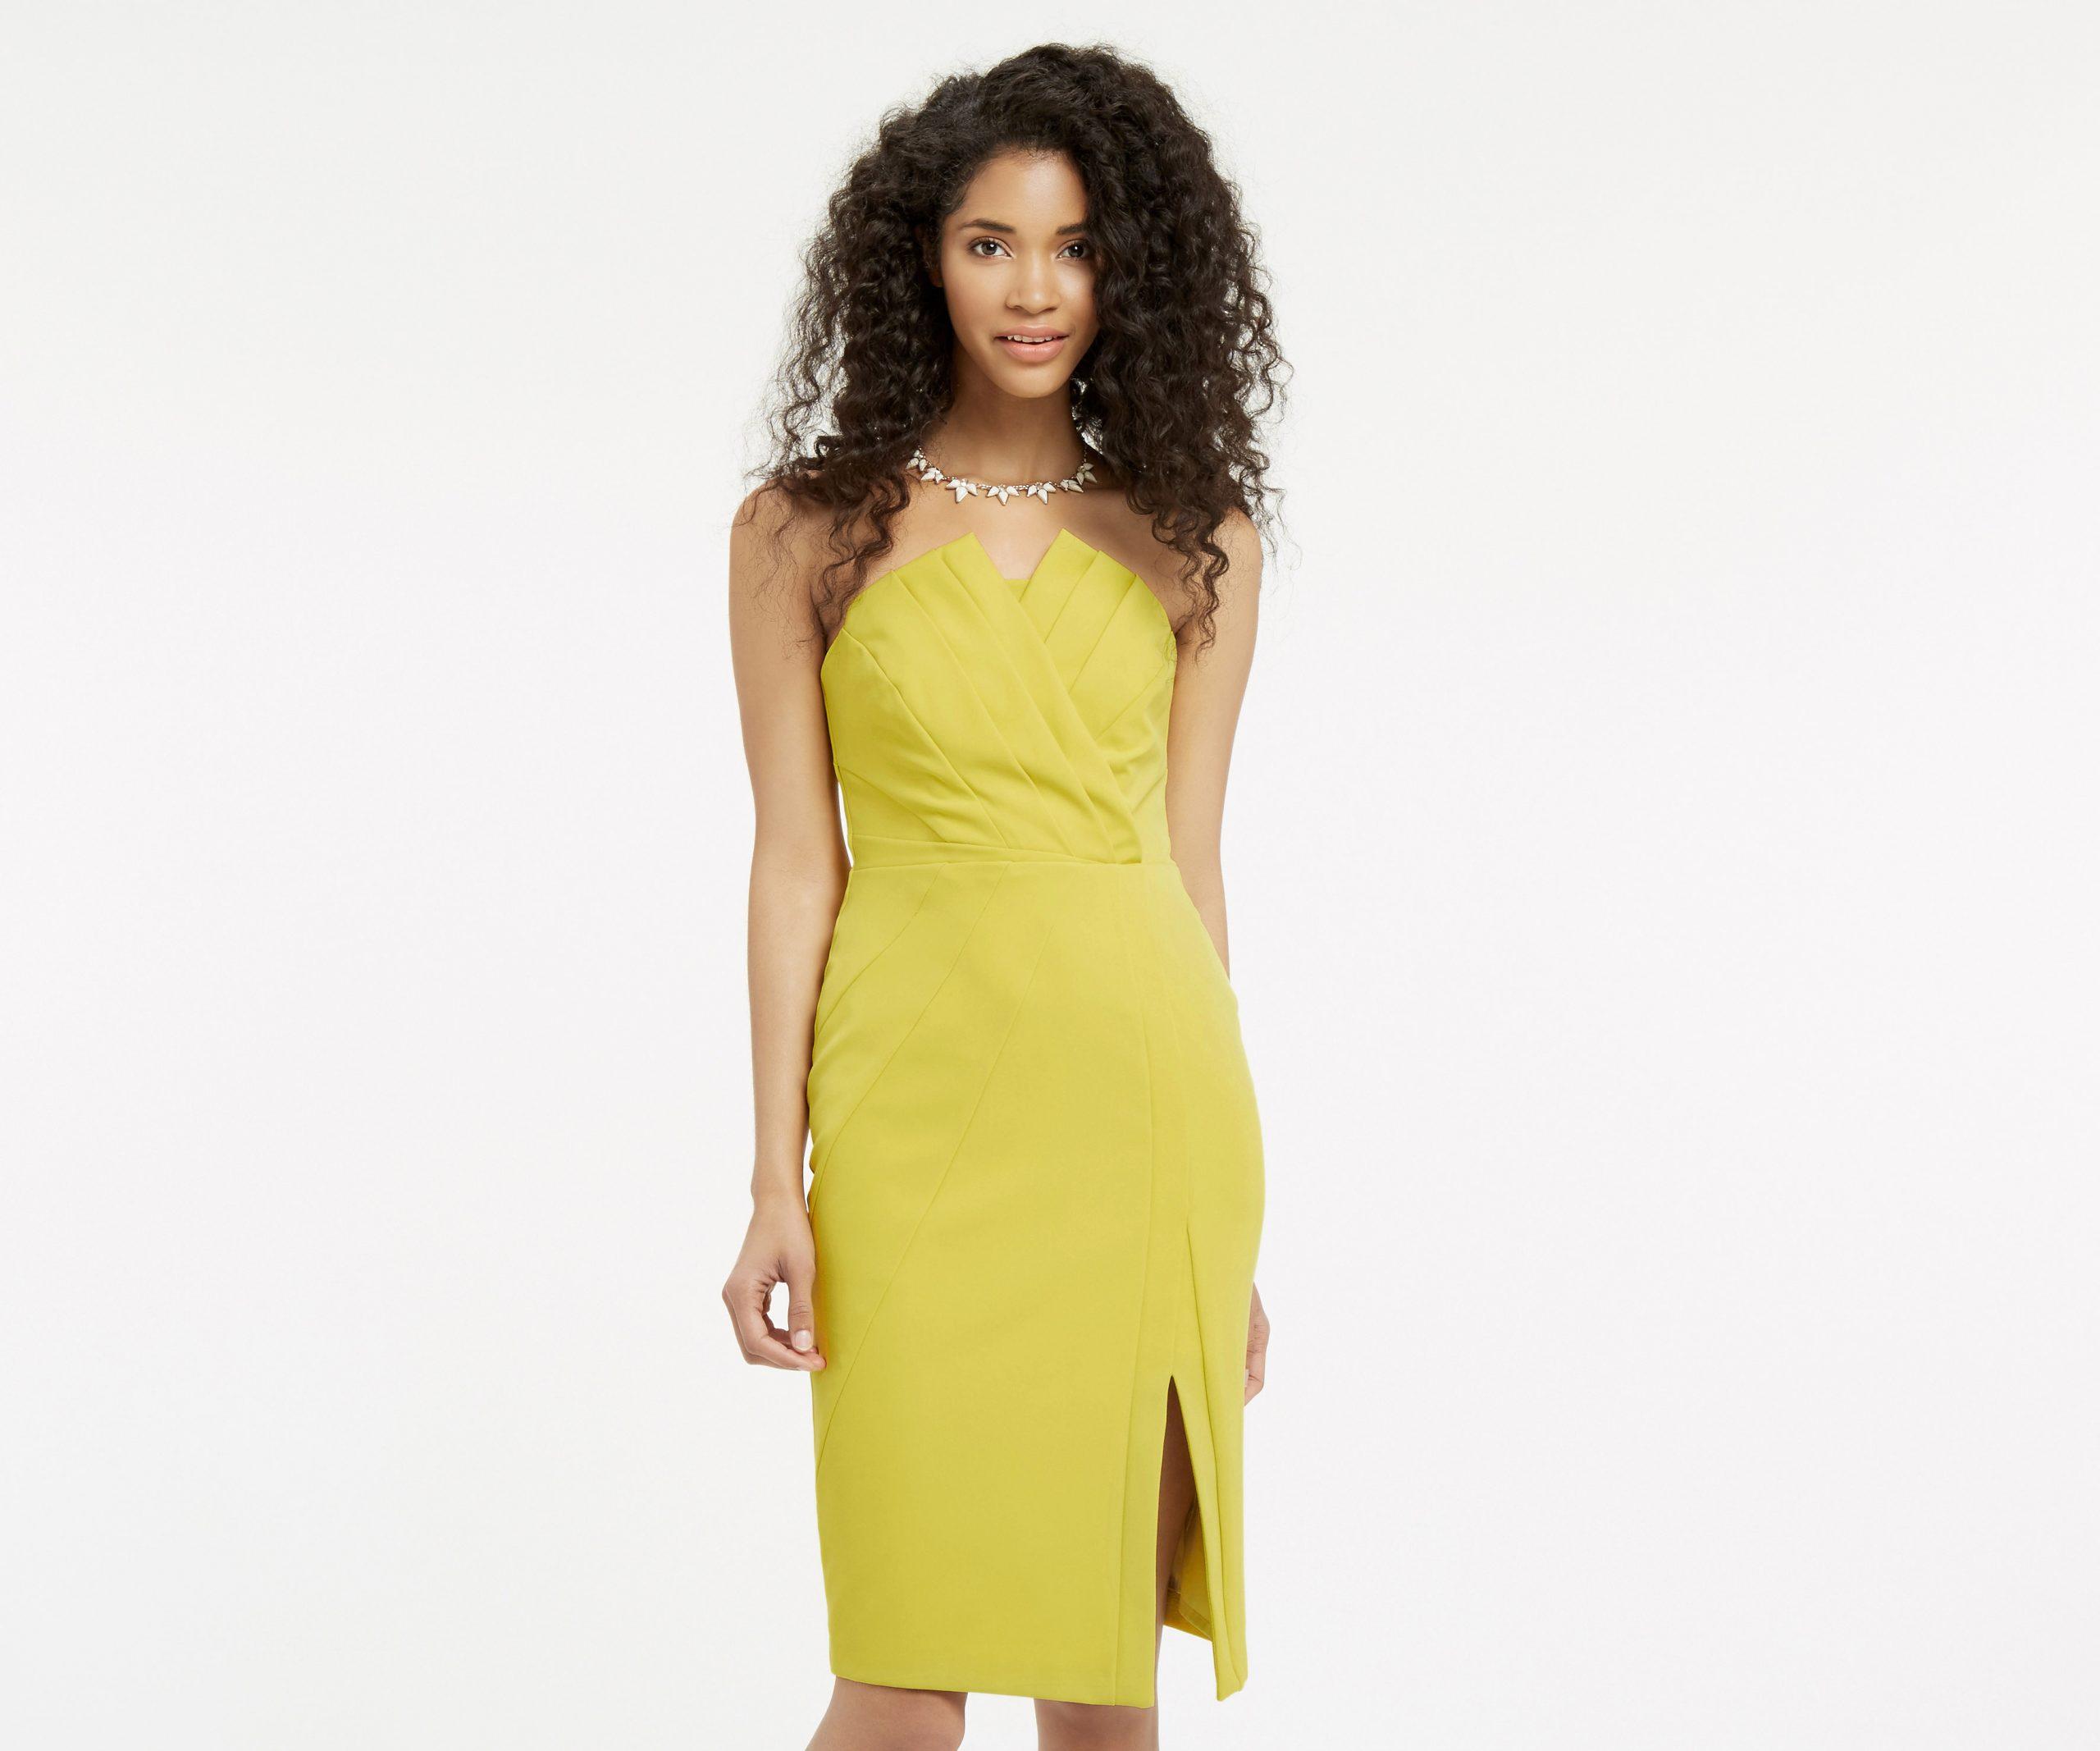 13 Wunderbar Bandeau Kleid Design15 Top Bandeau Kleid Galerie